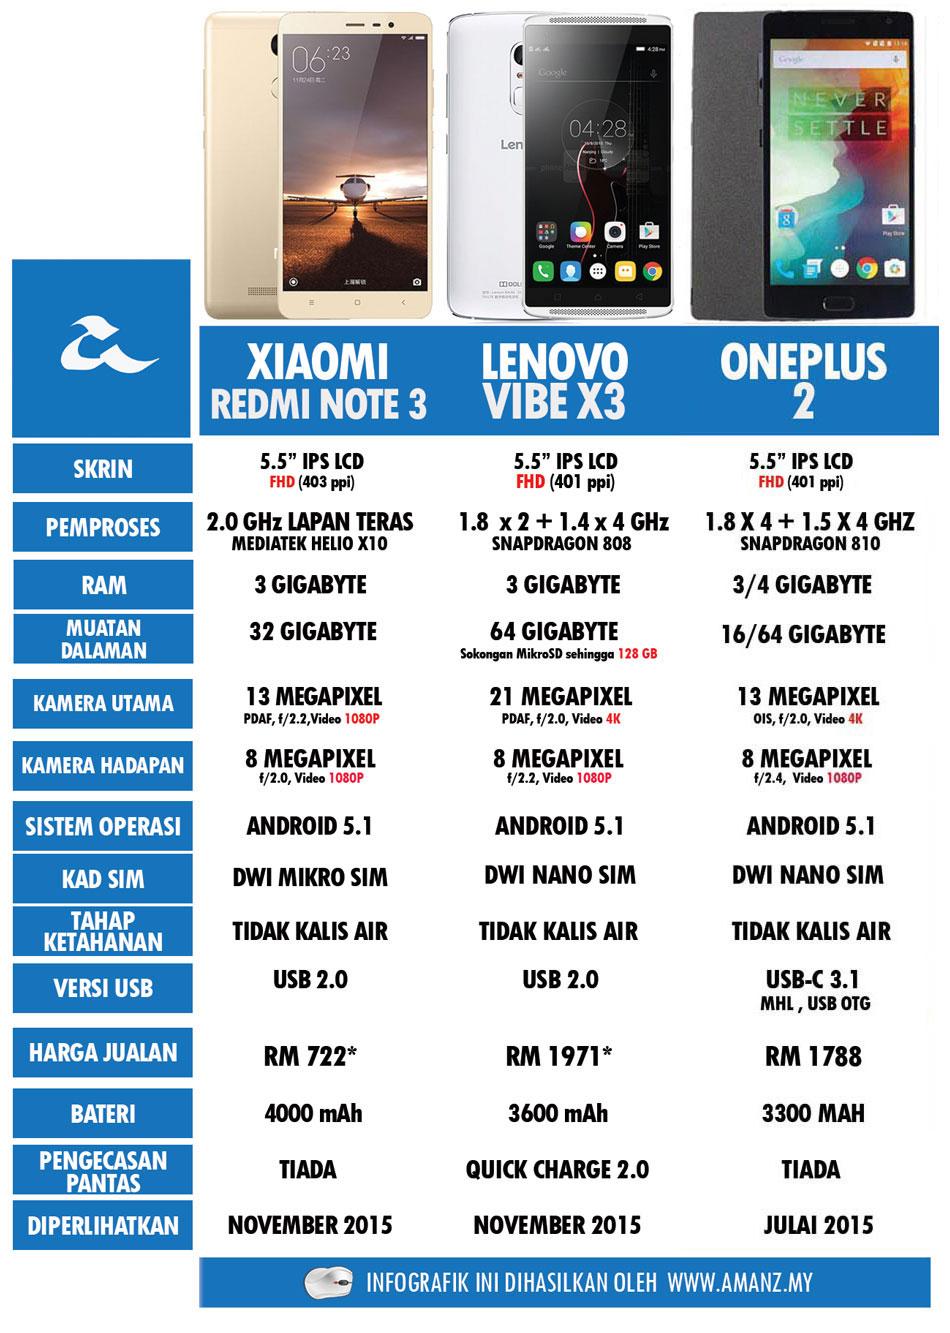 Perbandingan-Xiaomi-Redmi-Note-3-D